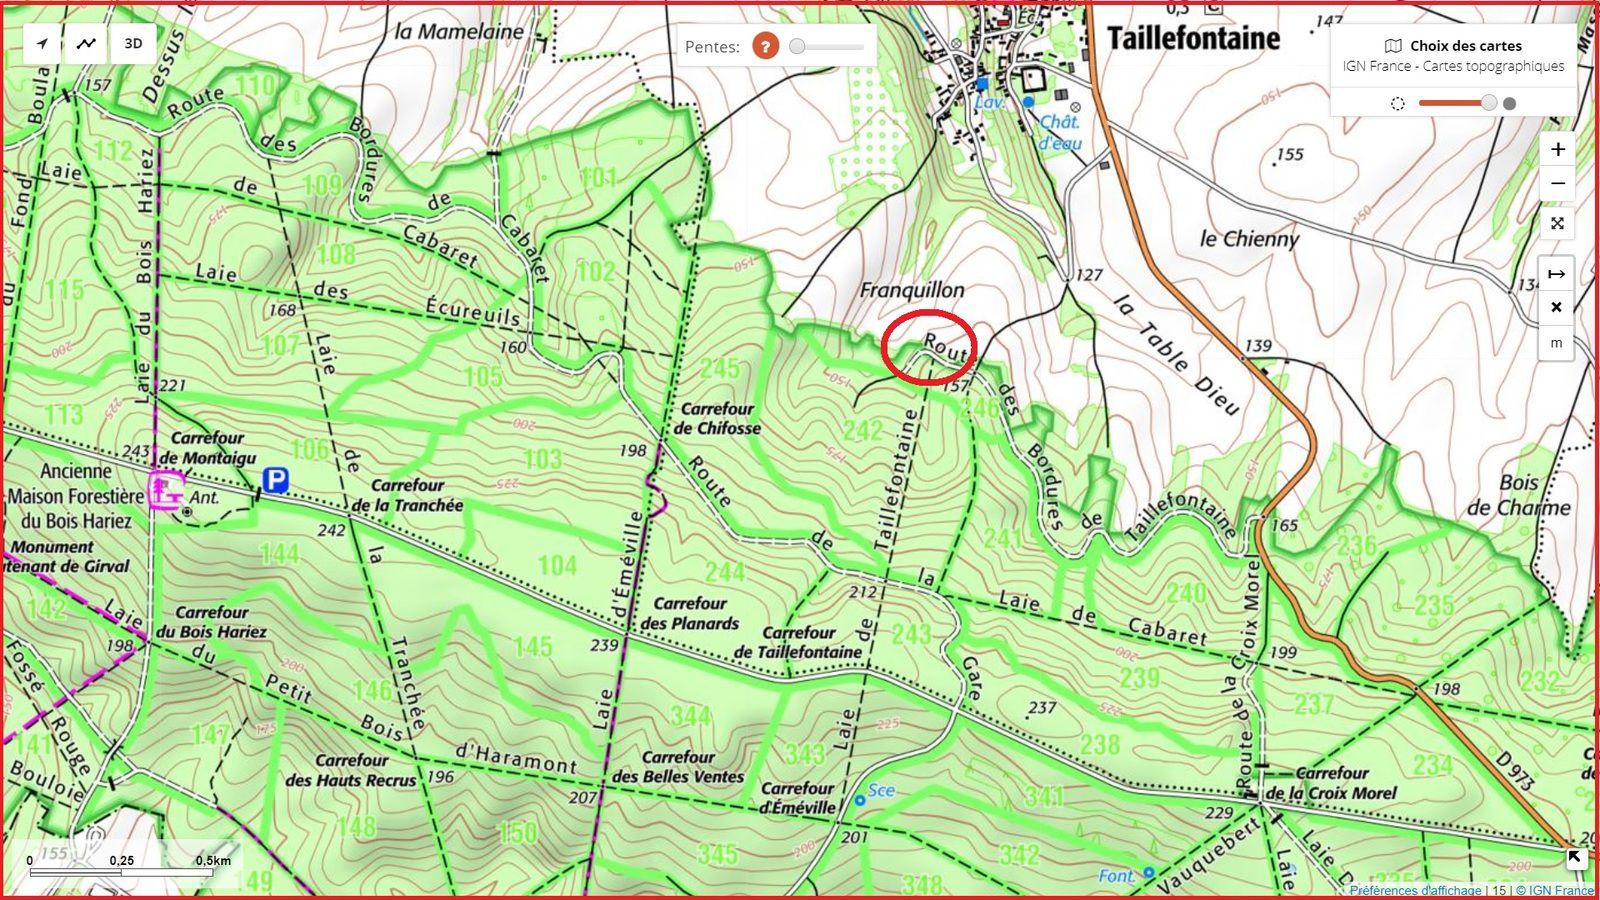 carrefour_Route des Bordures de Taillefontaine_Laie de Taillefontaine